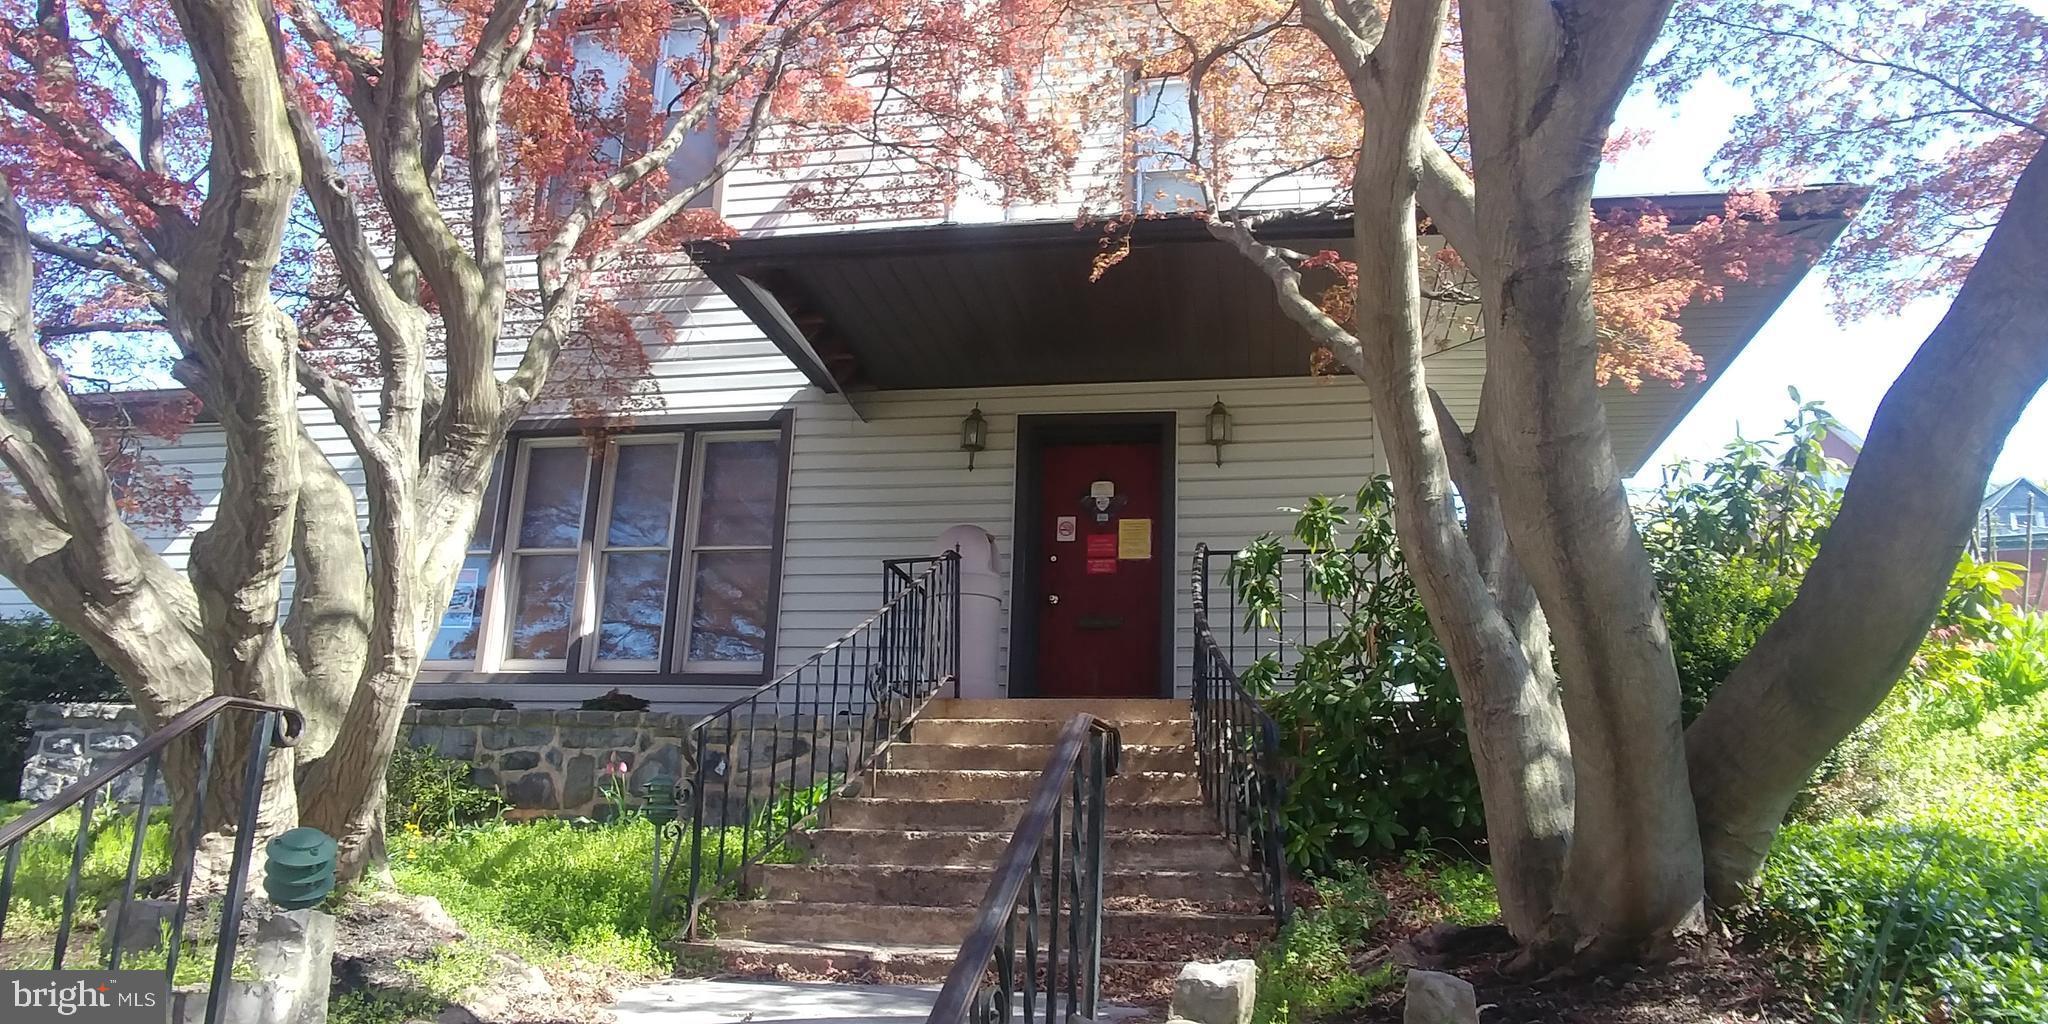 483 N FRONT STREET, STEELTON, PA 17113